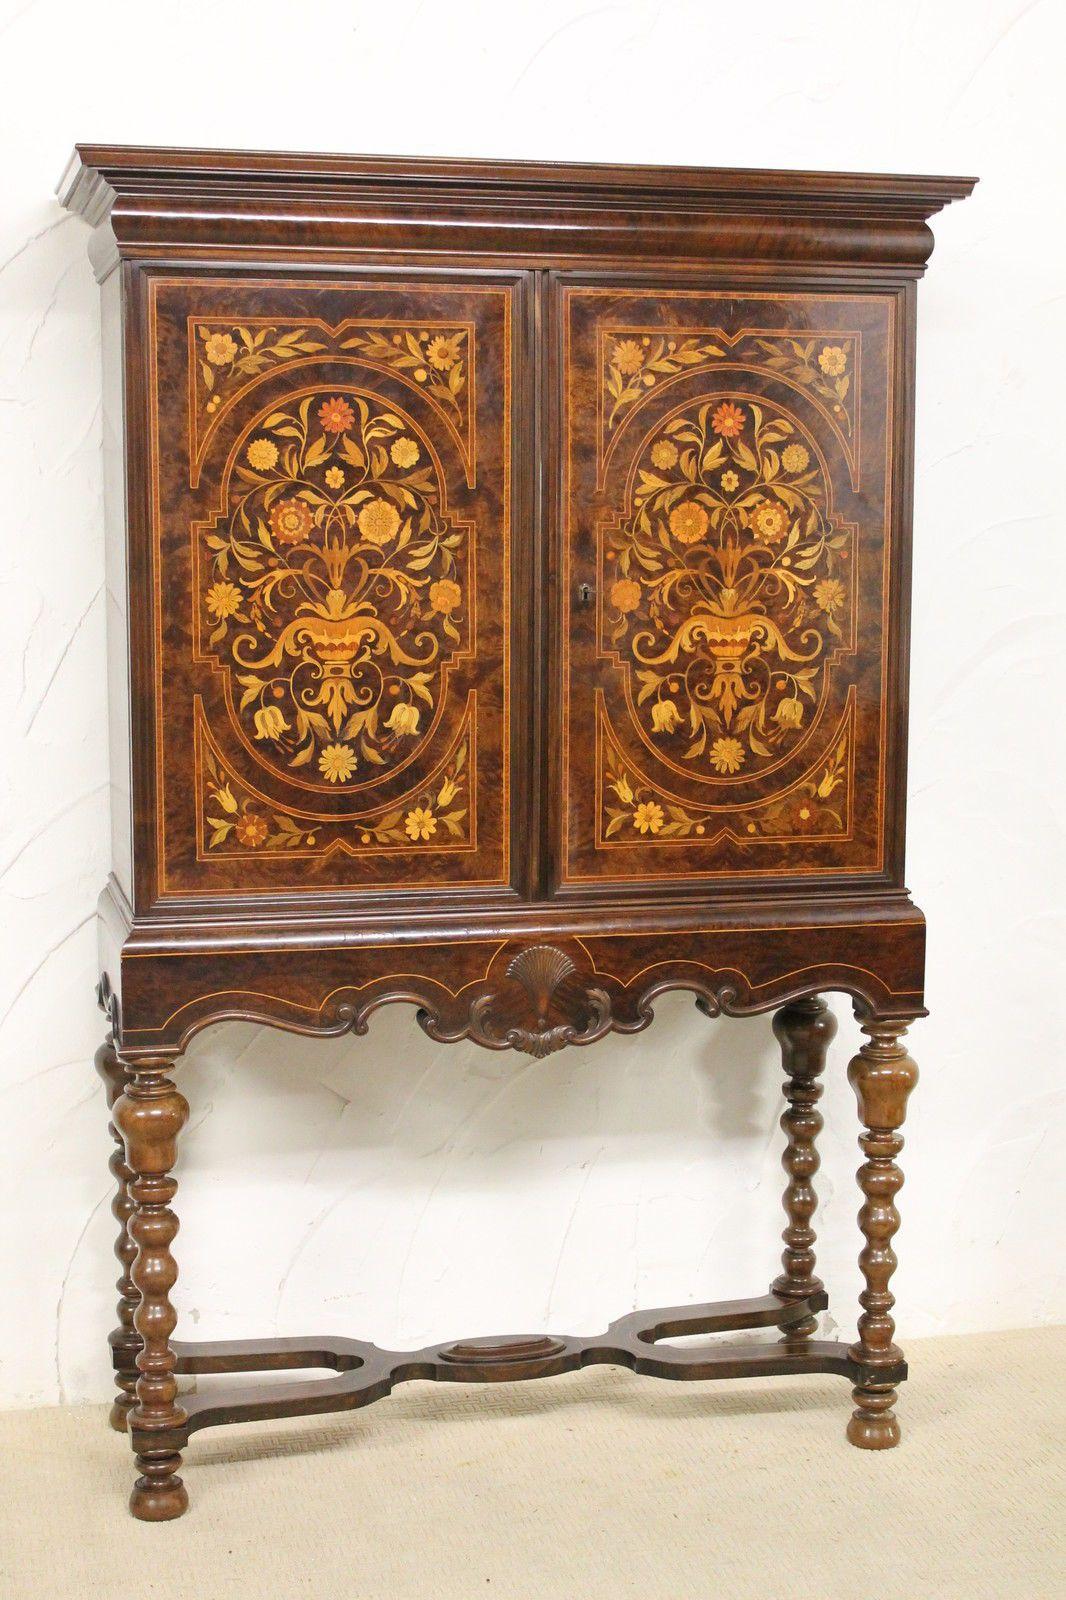 Schrank Stollenschrank Kabinettschrank Aus Adelshaus Furniture Decor Home Decor